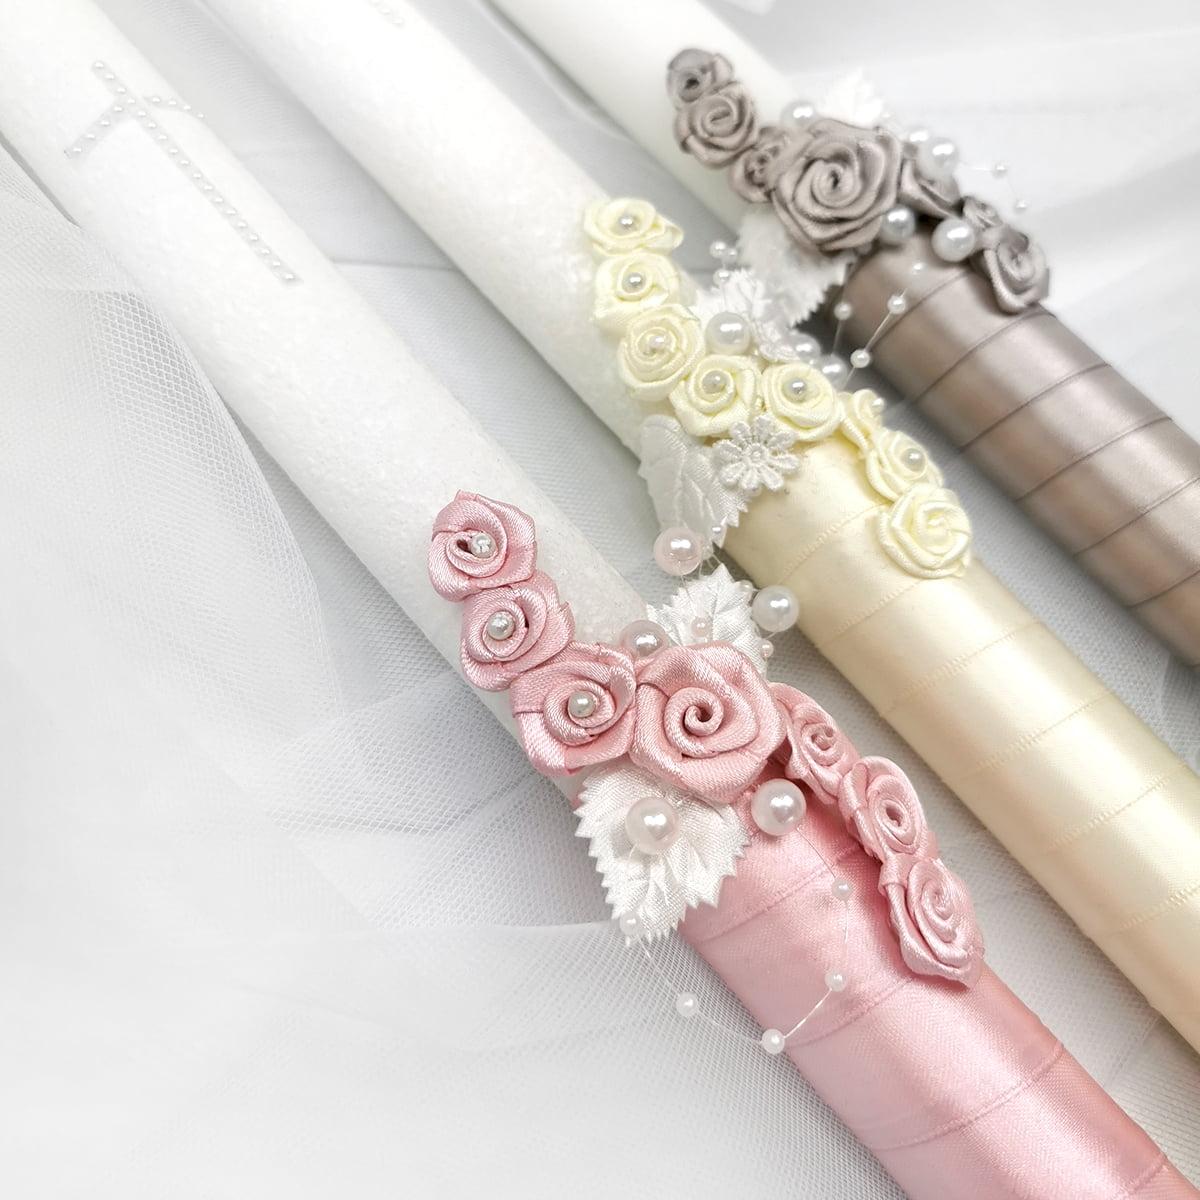 svijeće s rozim, bijelim i sivim cvjetićima